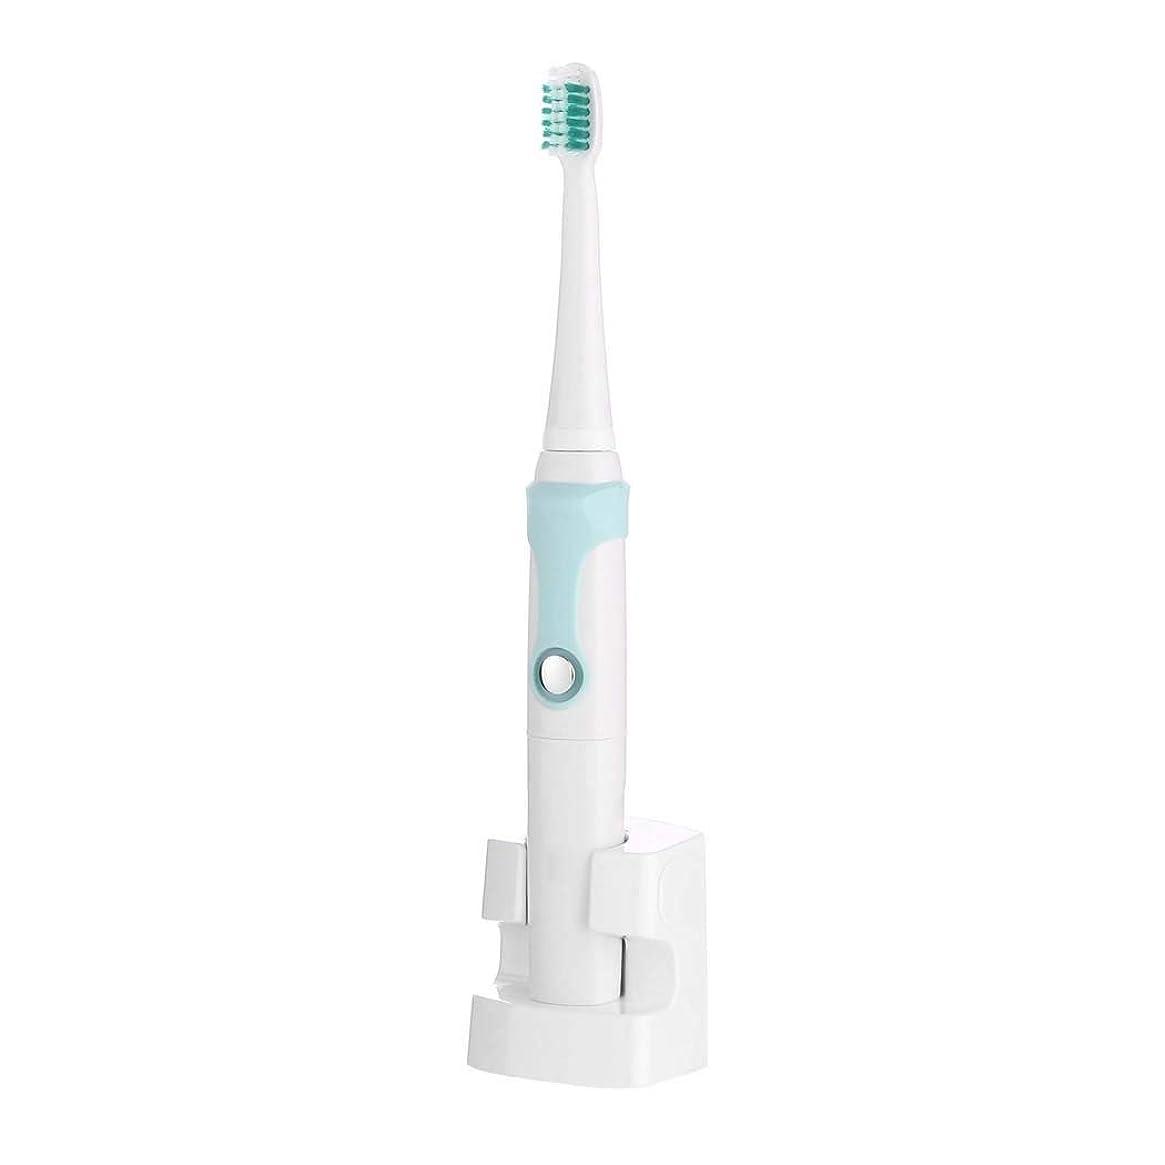 五自動化窒息させる電動歯ブラシ、充電式超音波電動歯ブラシ、自動インテリジェント歯ブラシ、誘導充電、3つのブラッシングモード(カラー:ブルー)